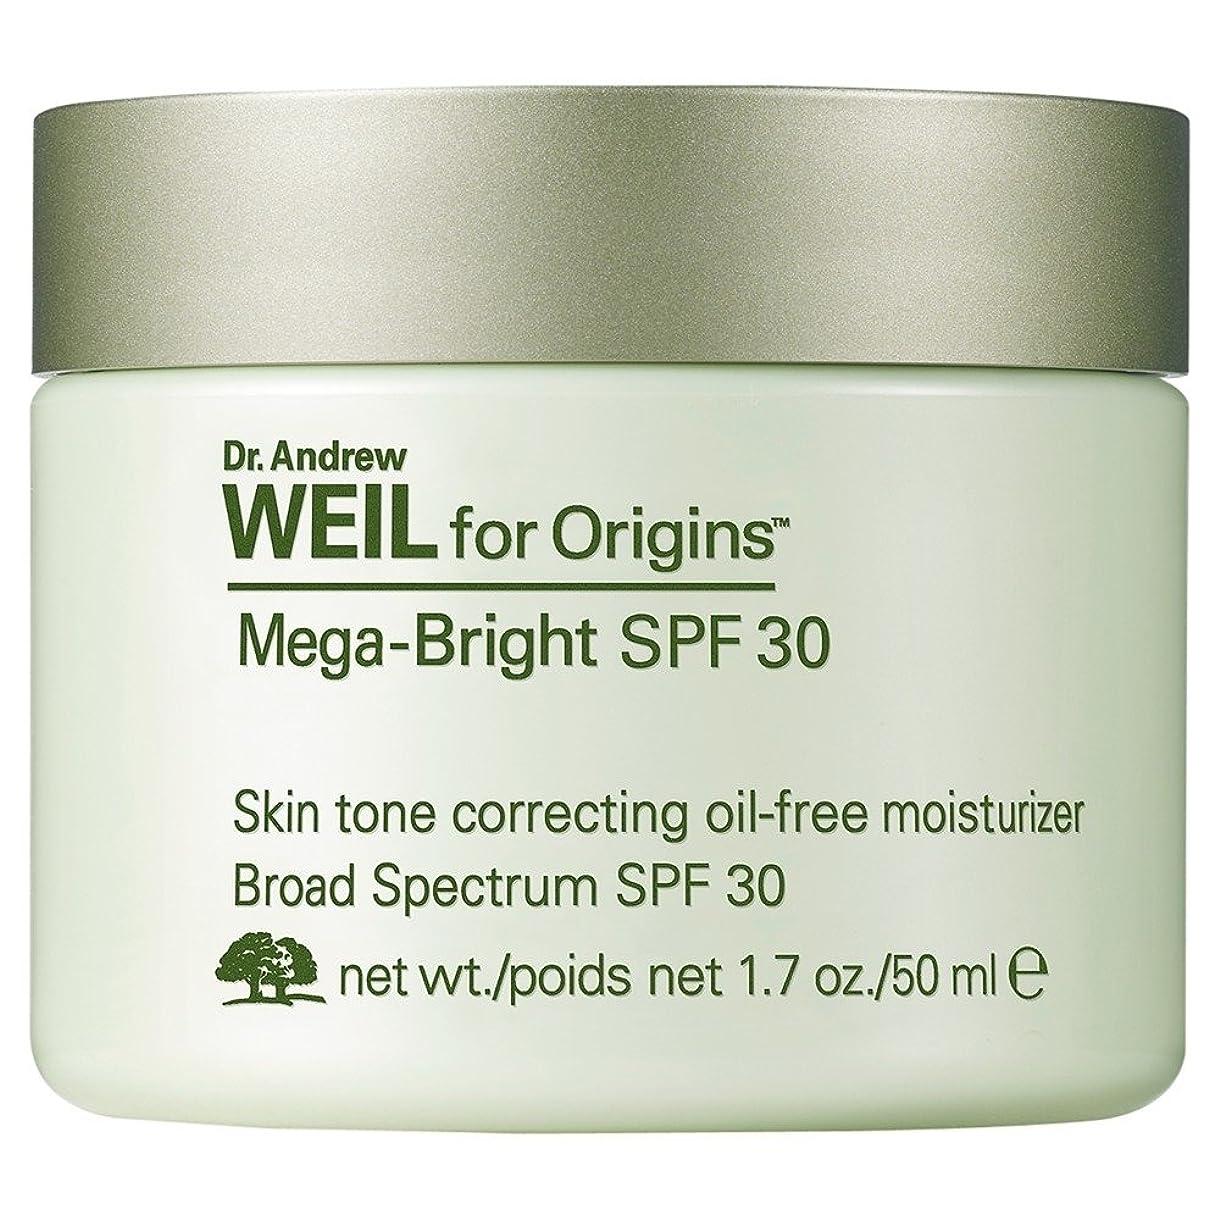 事務所均等に省Dr。保湿、50ミリリットルの補正アンドルー?ワイルメガブライトSpf30の肌のトーン (Origins) (x2) - Dr. Andrew Weil Mega-Bright SPF30 Skin Tone Correcting Moisturizer, 50ml (Pack of 2) [並行輸入品]